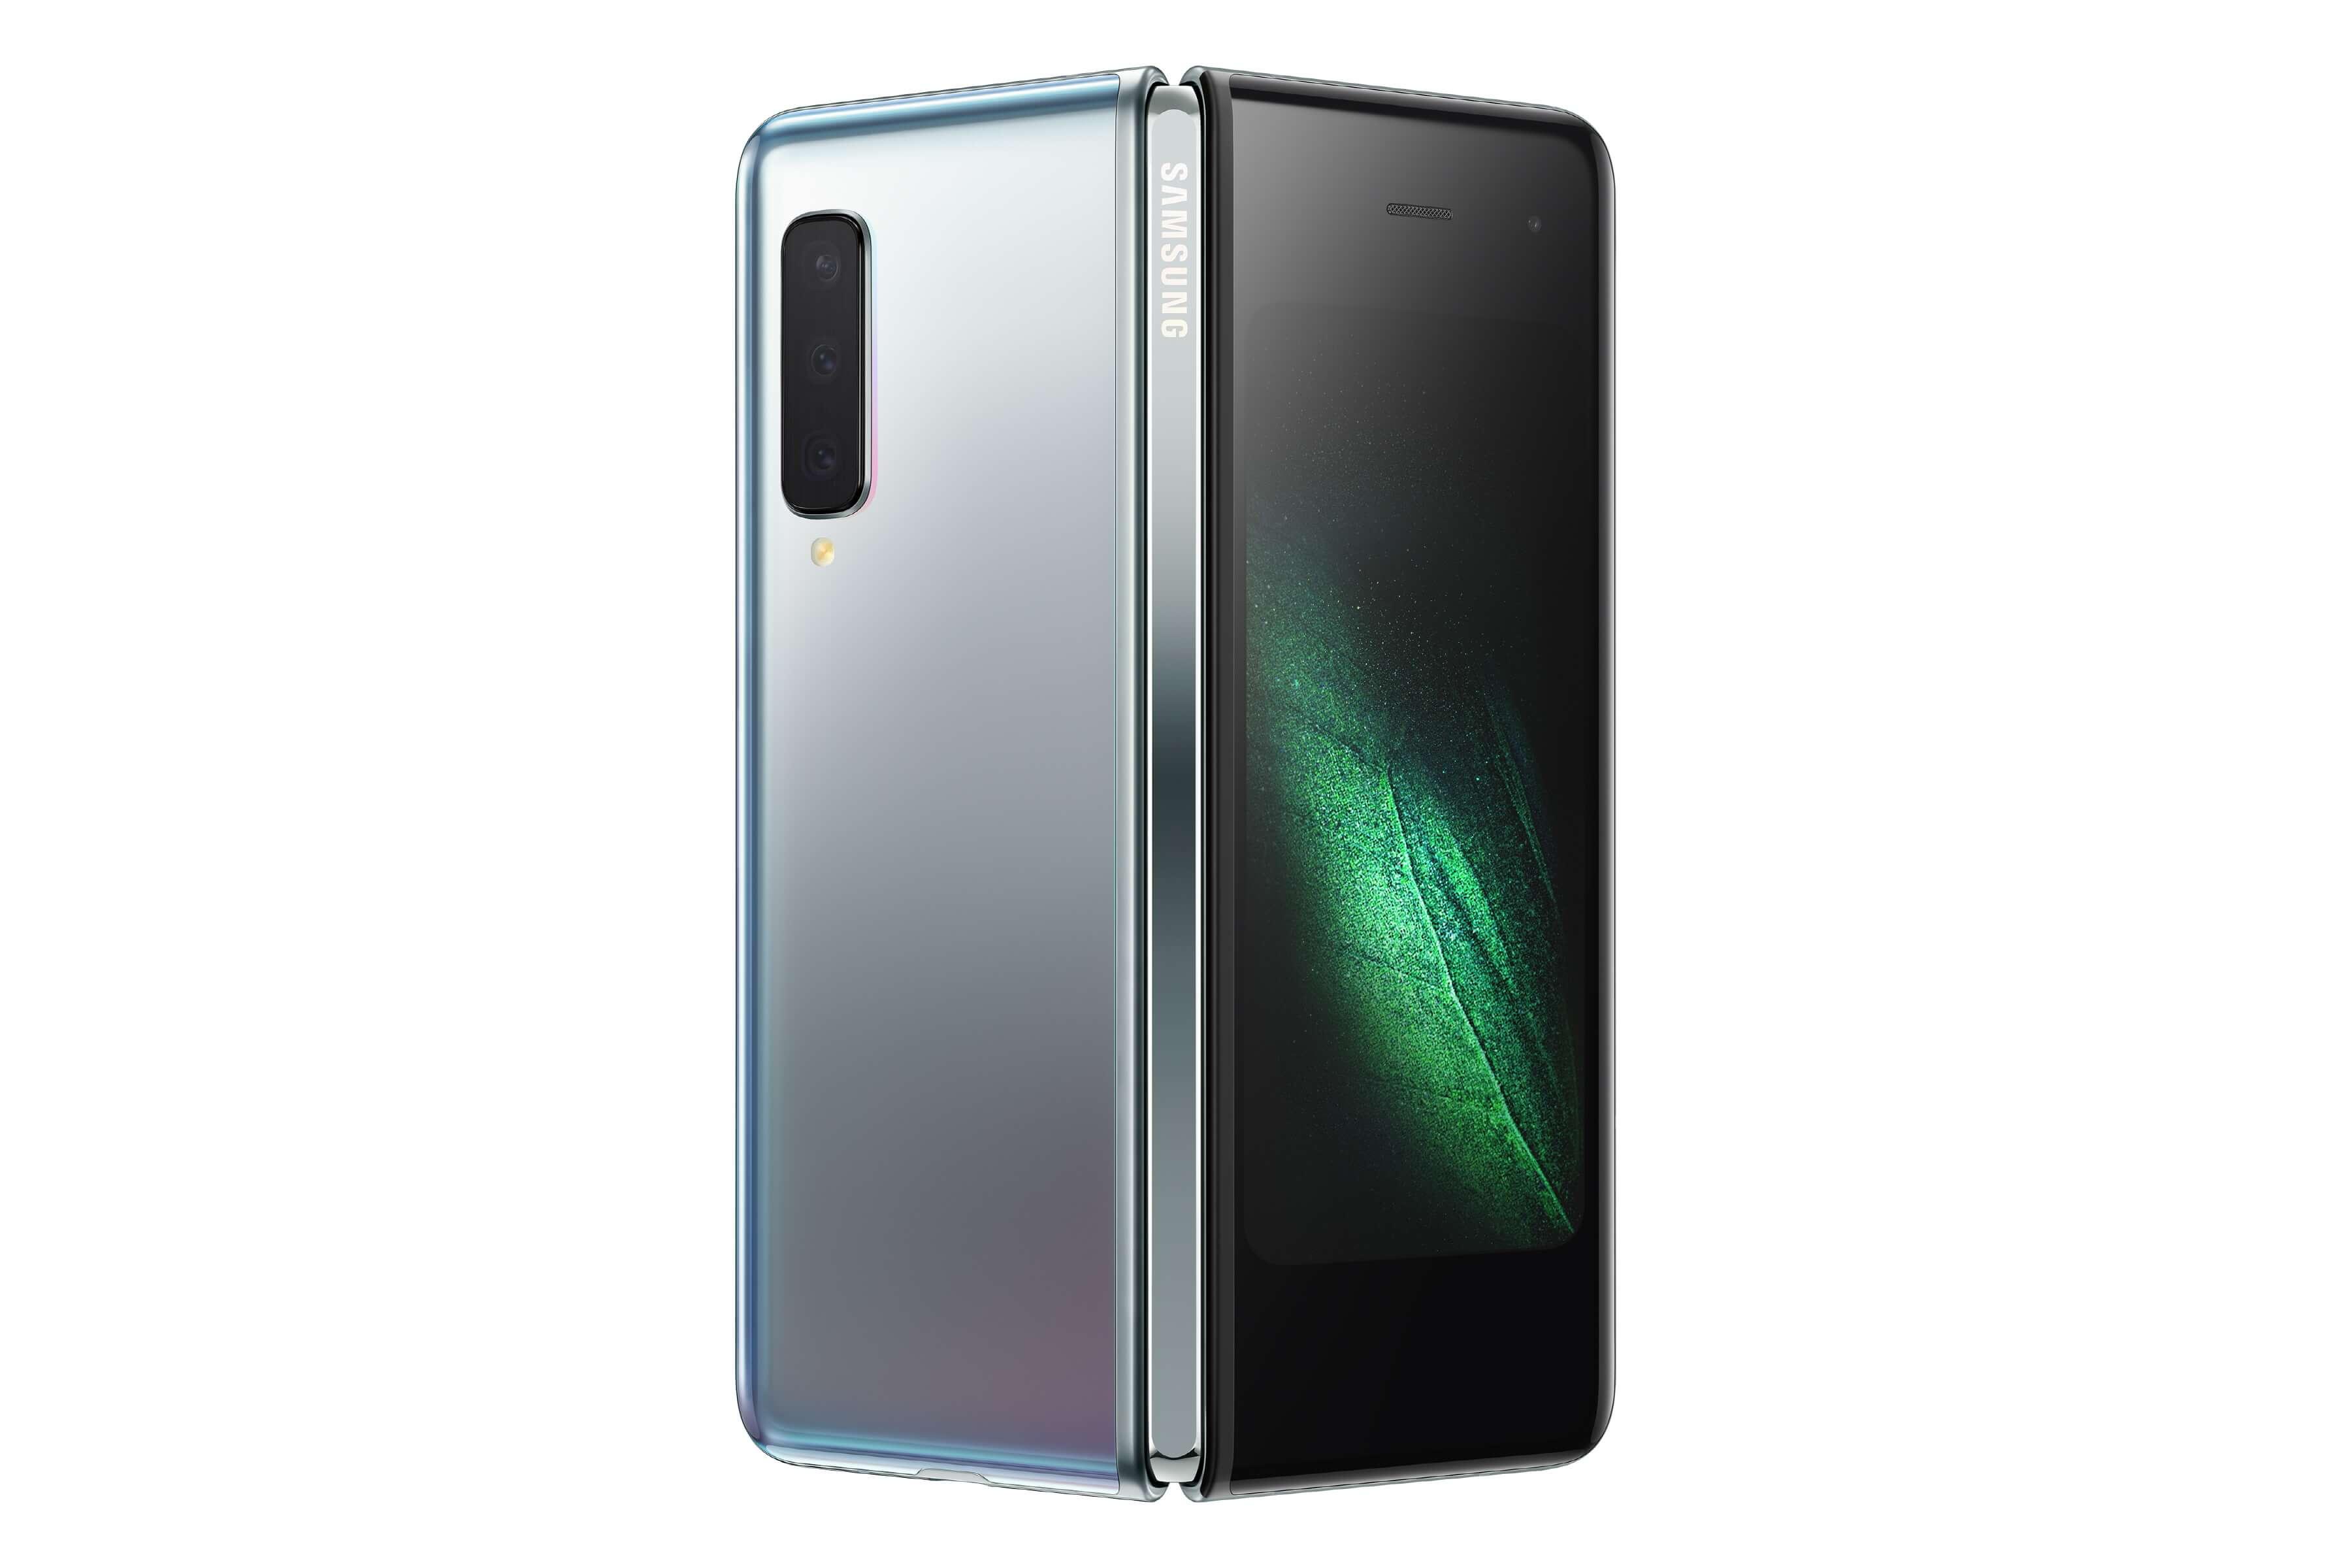 Αυτά είναι τα νέα κινητά της Samsung – Το Galaxy Fold που… διπλώνει και το Galaxy S10